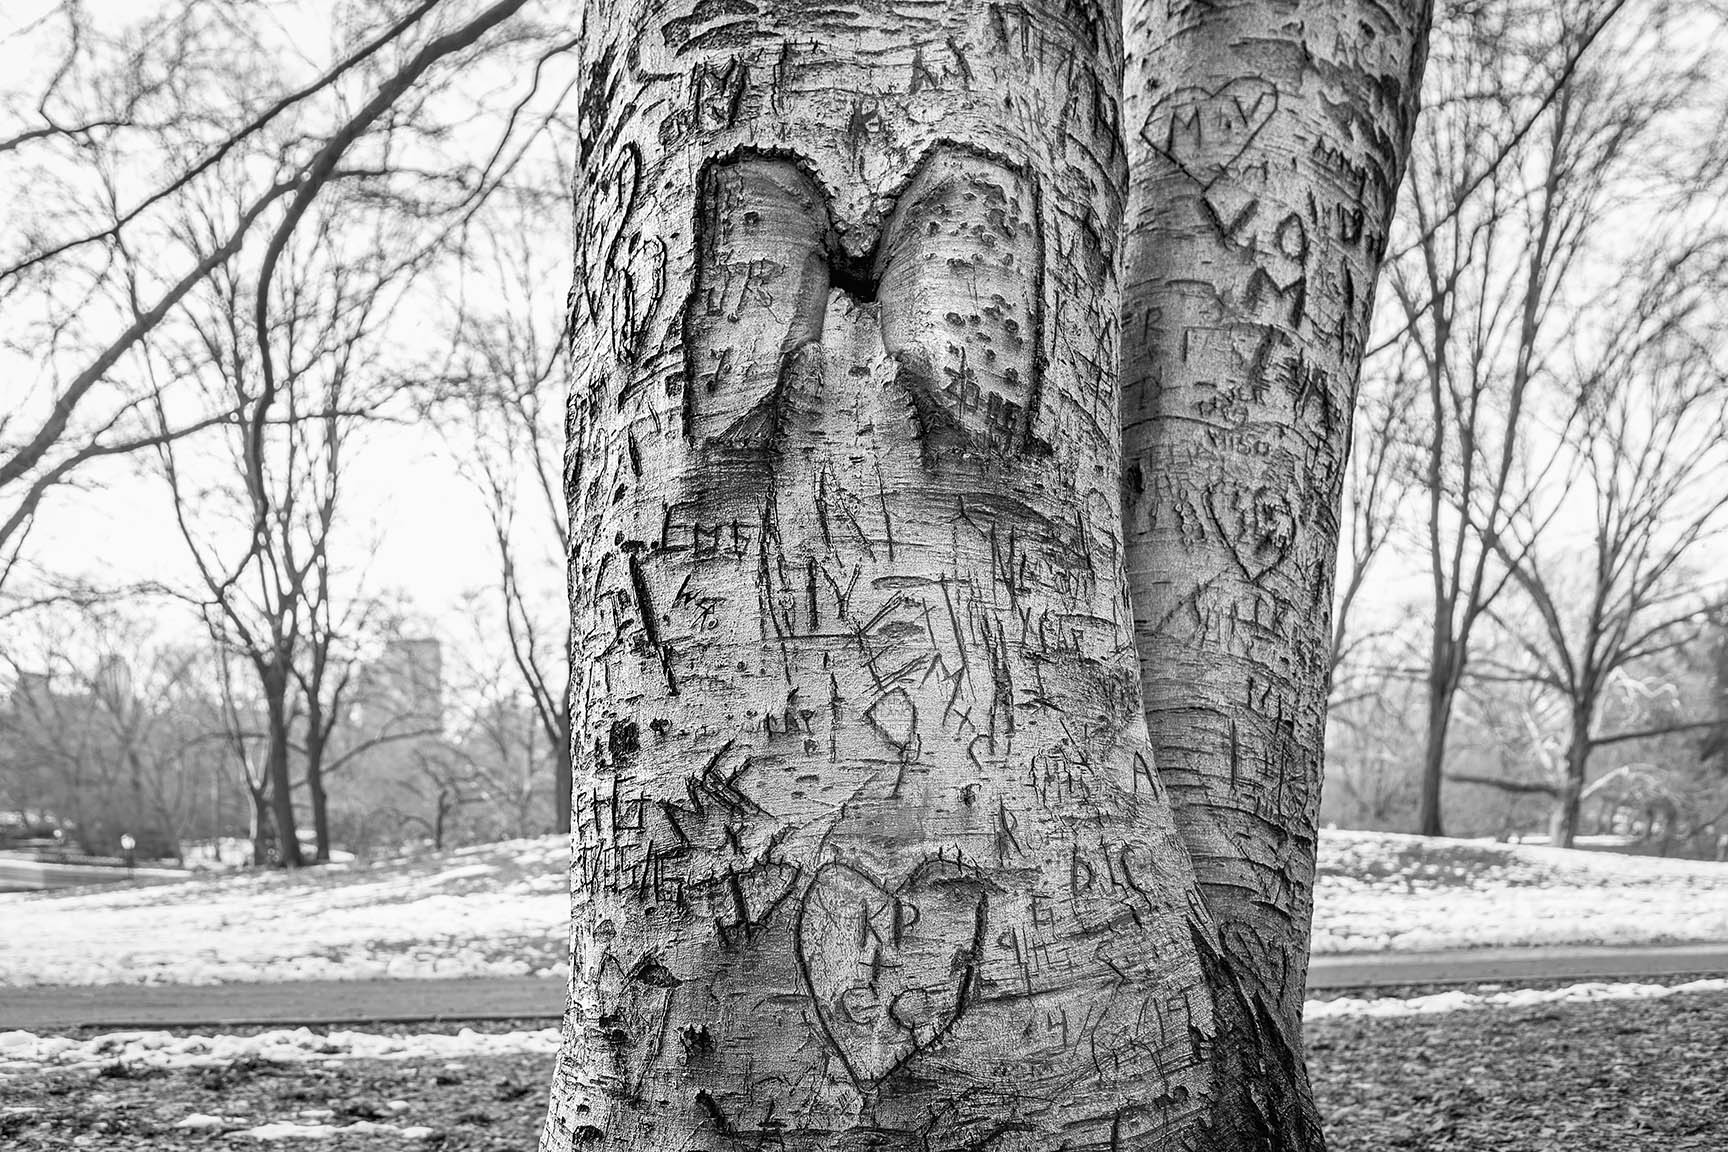 28_Tattoo Tree_7045-BLOG